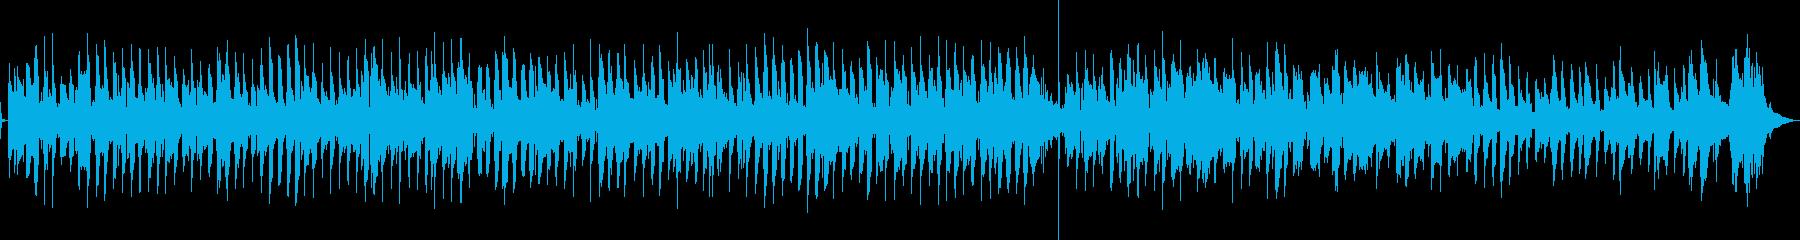 ディキシーランド ラグタイム 代替...の再生済みの波形